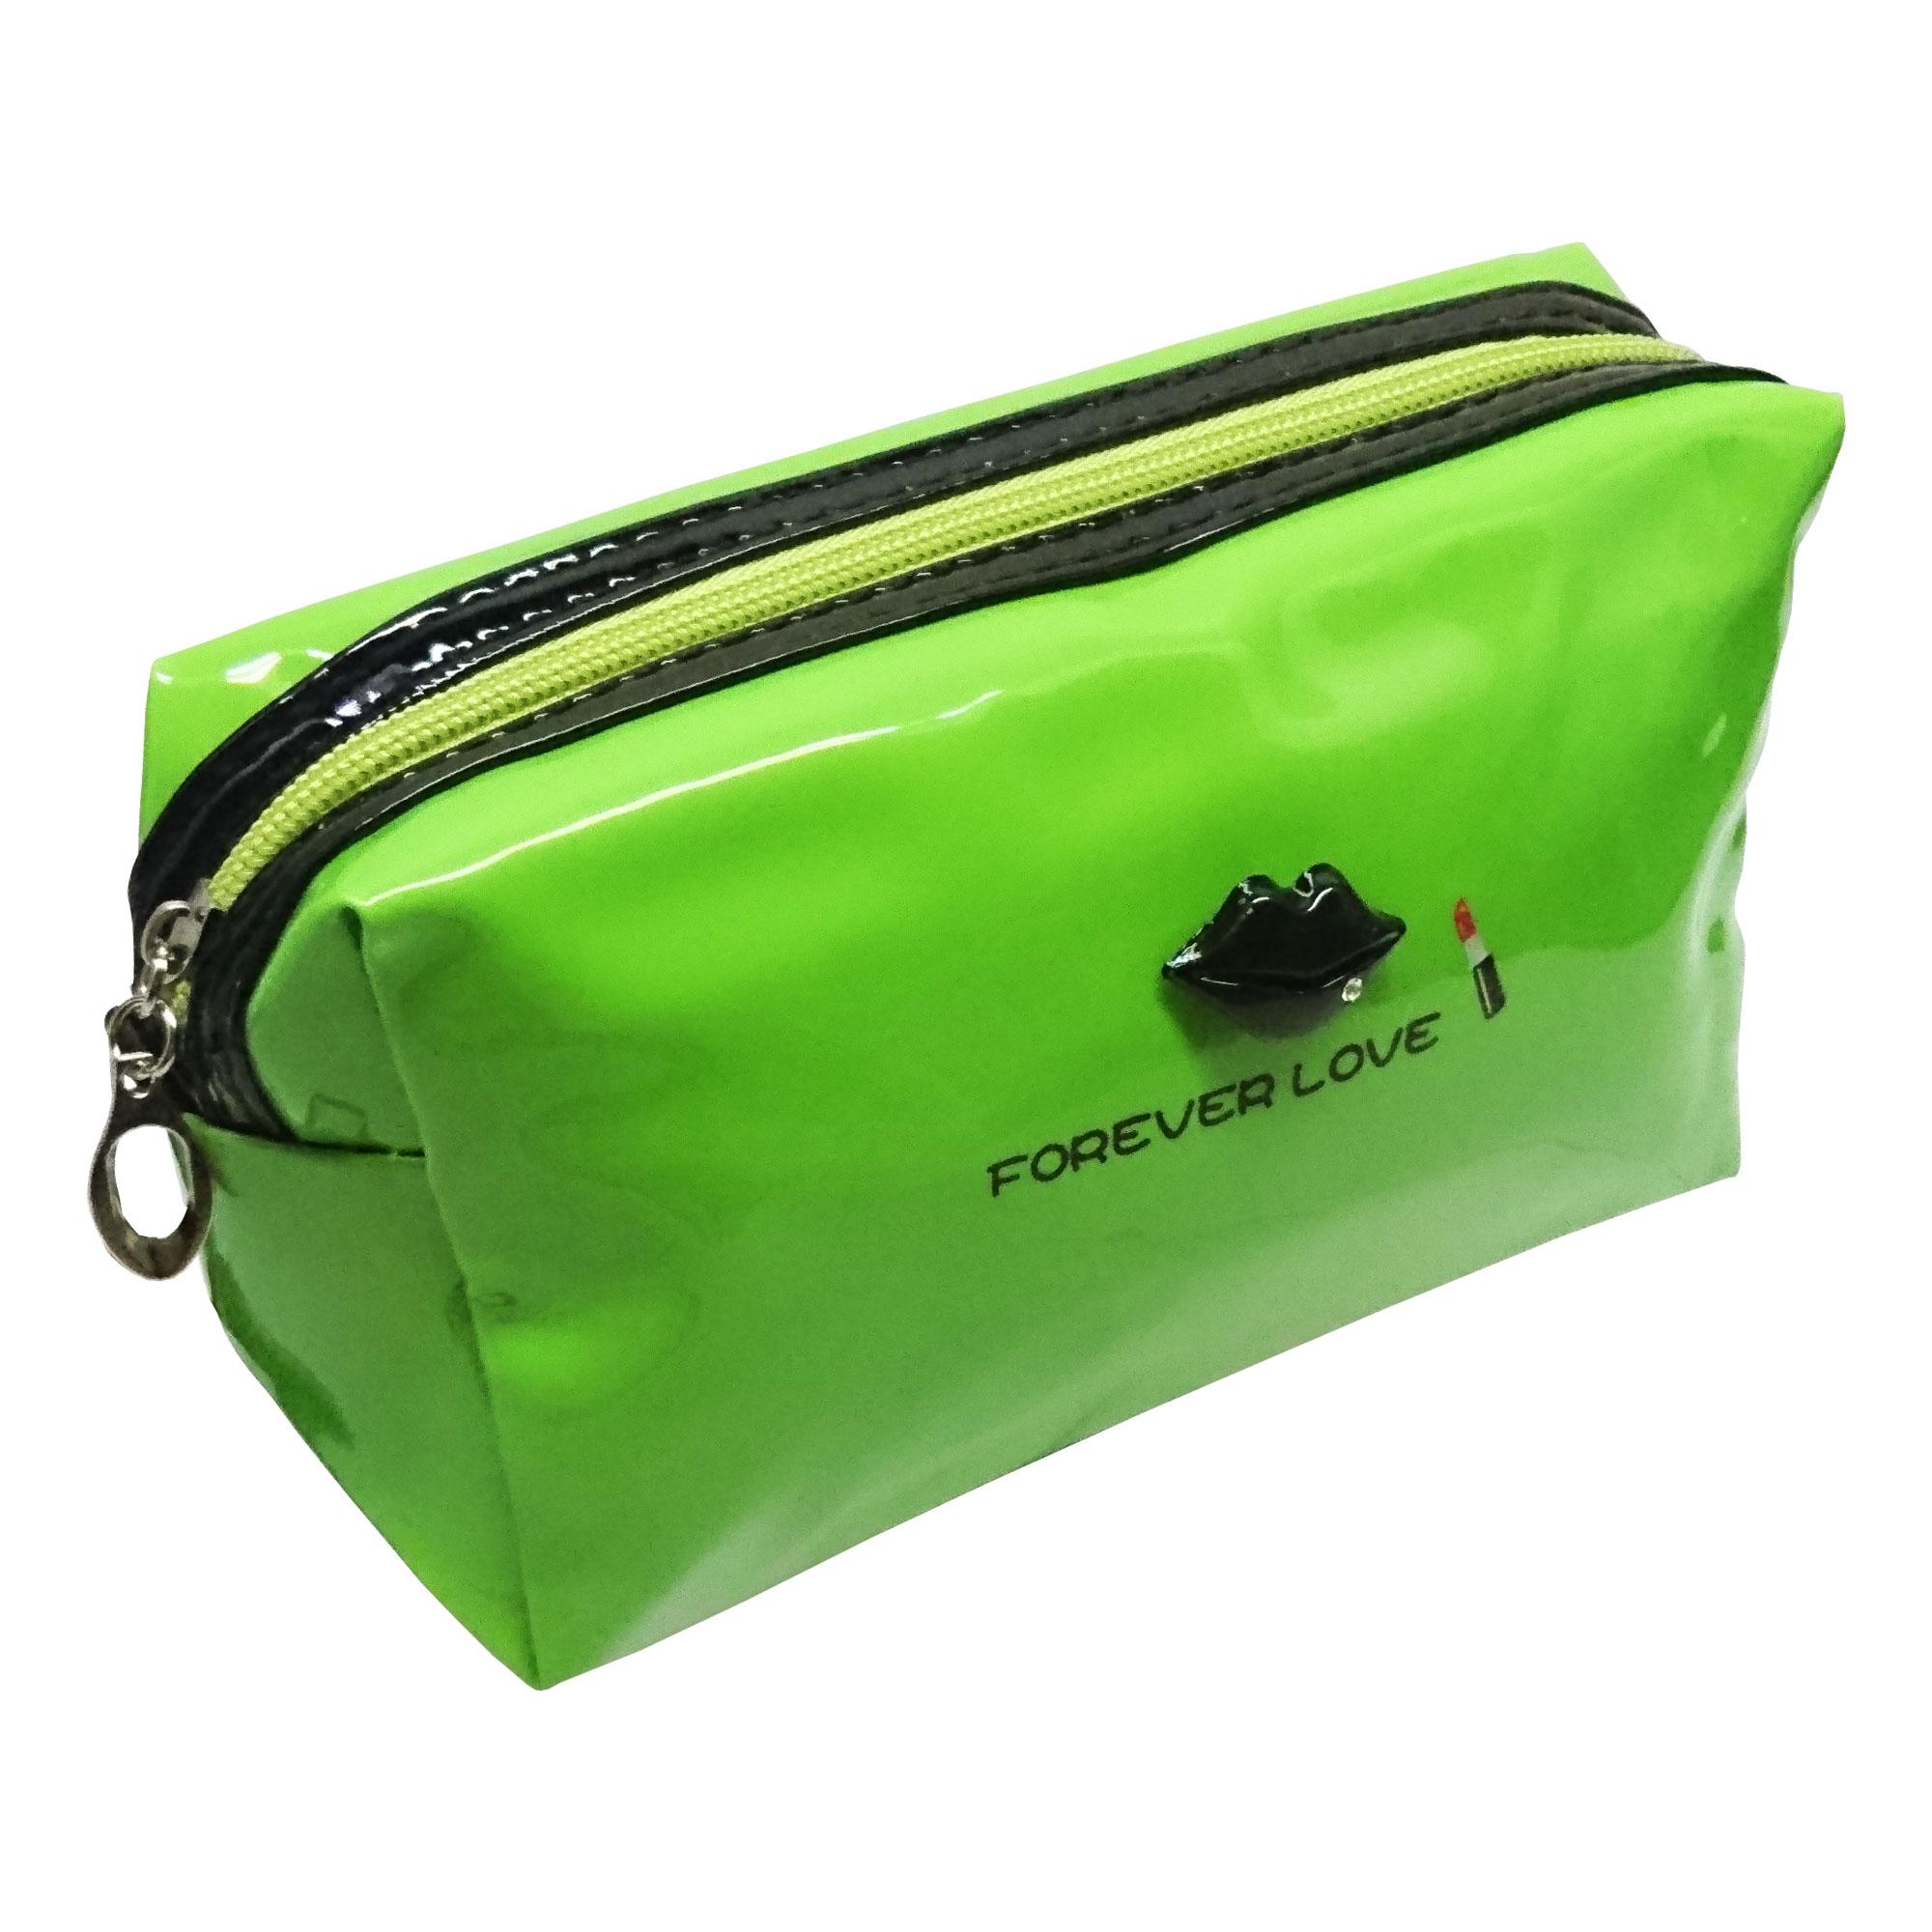 کیف لوازم آرایشی مدل 004